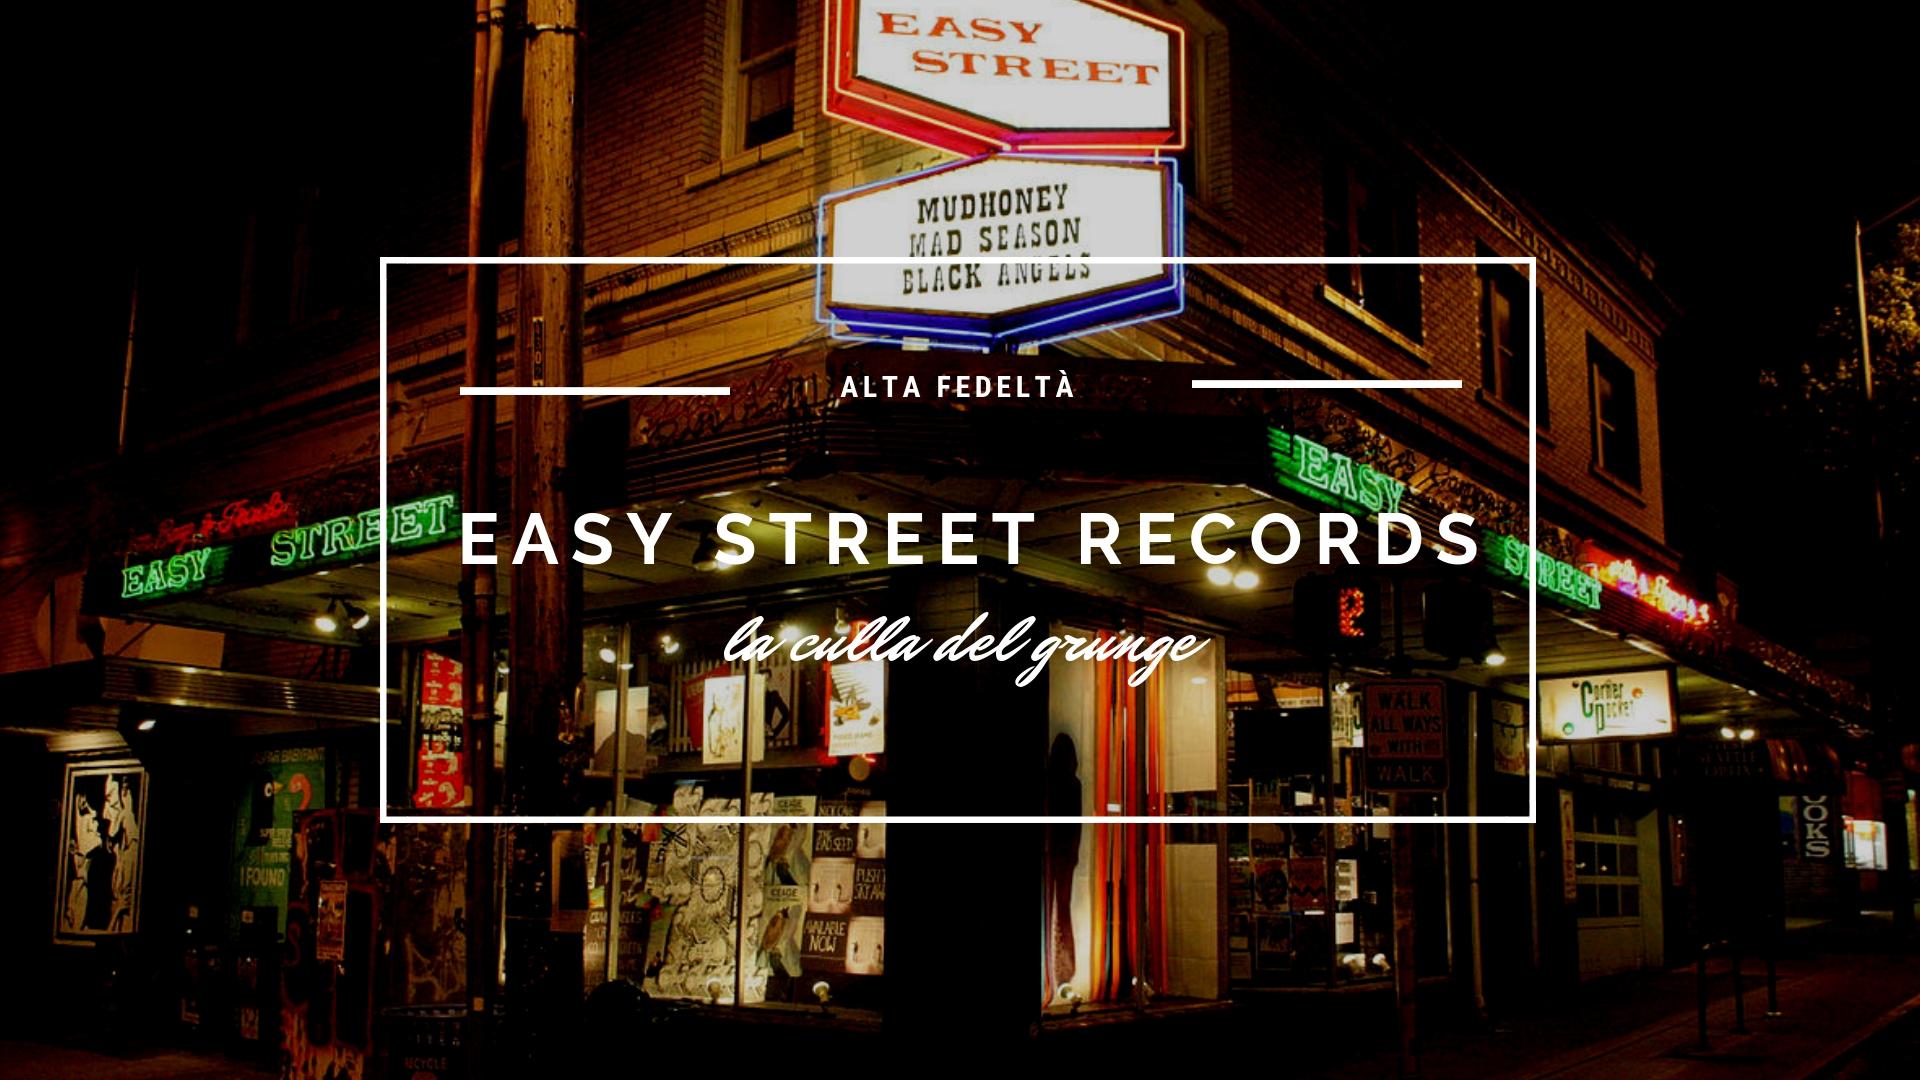 Easy Street Records